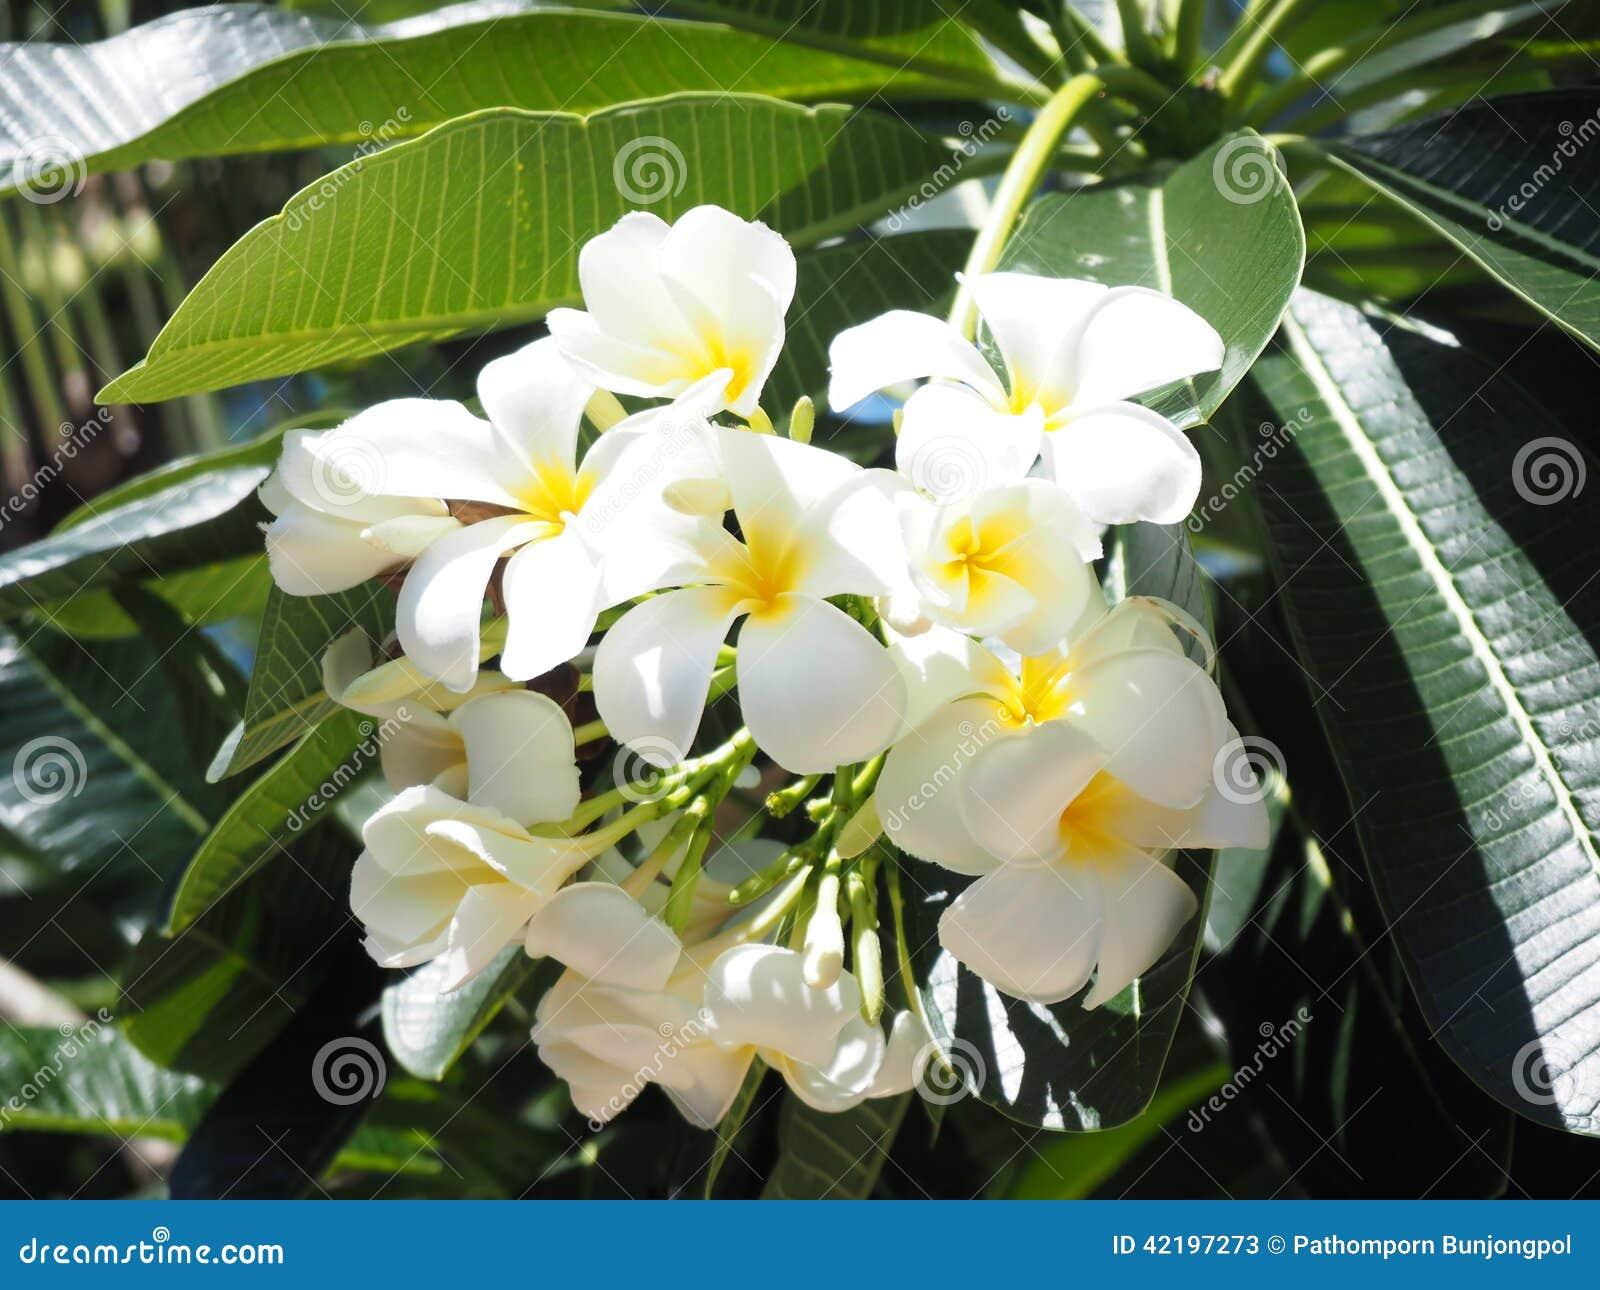 White flower stock photo 42197273 megapixl white flower mightylinksfo